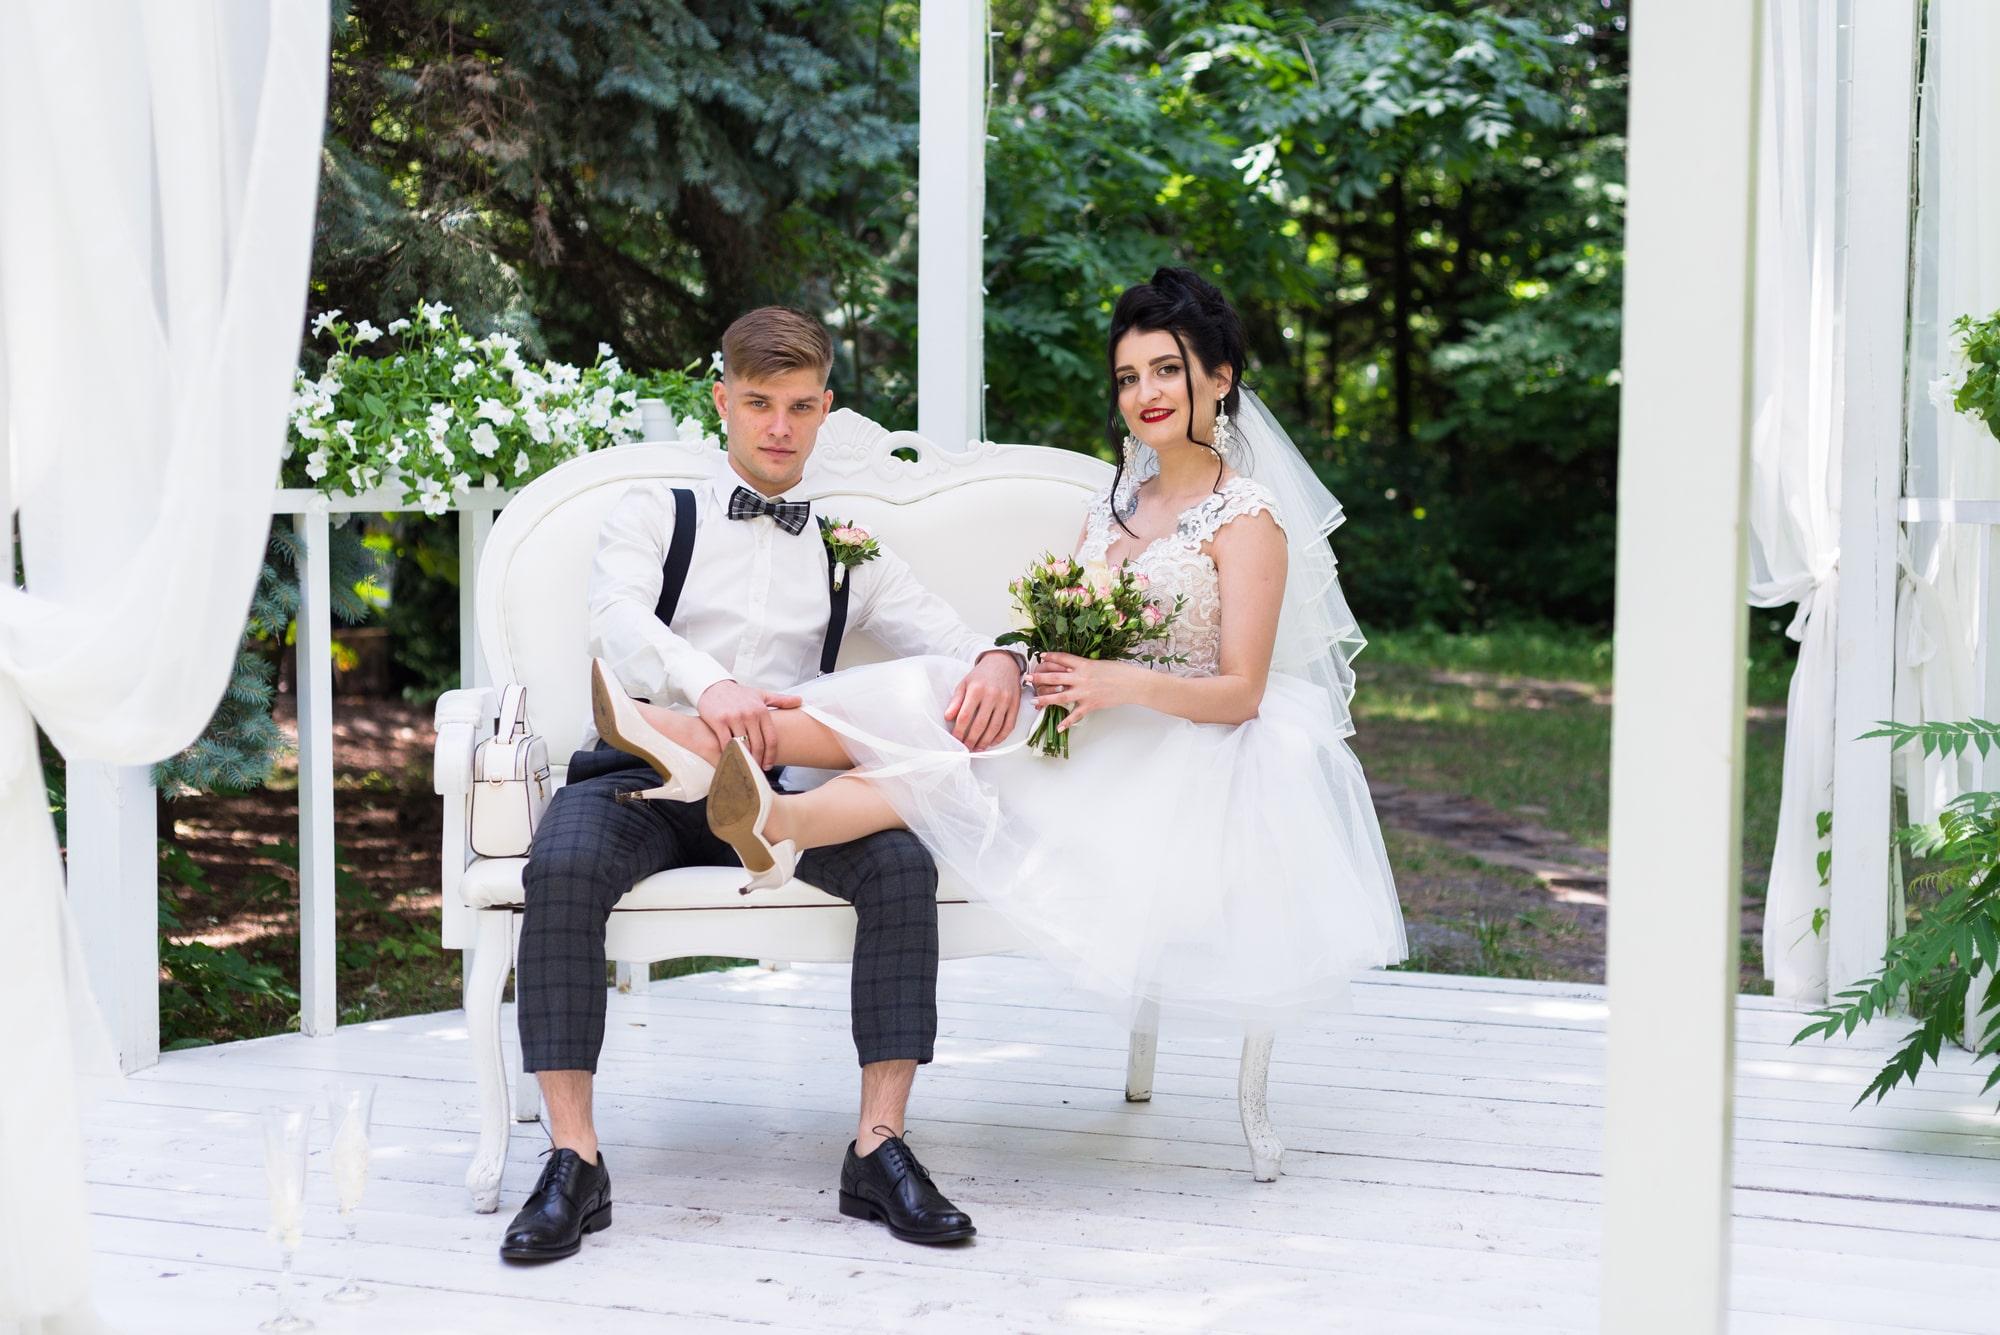 Свадебная фотосъемка в студии Плей - Фотограф Женя Лайт